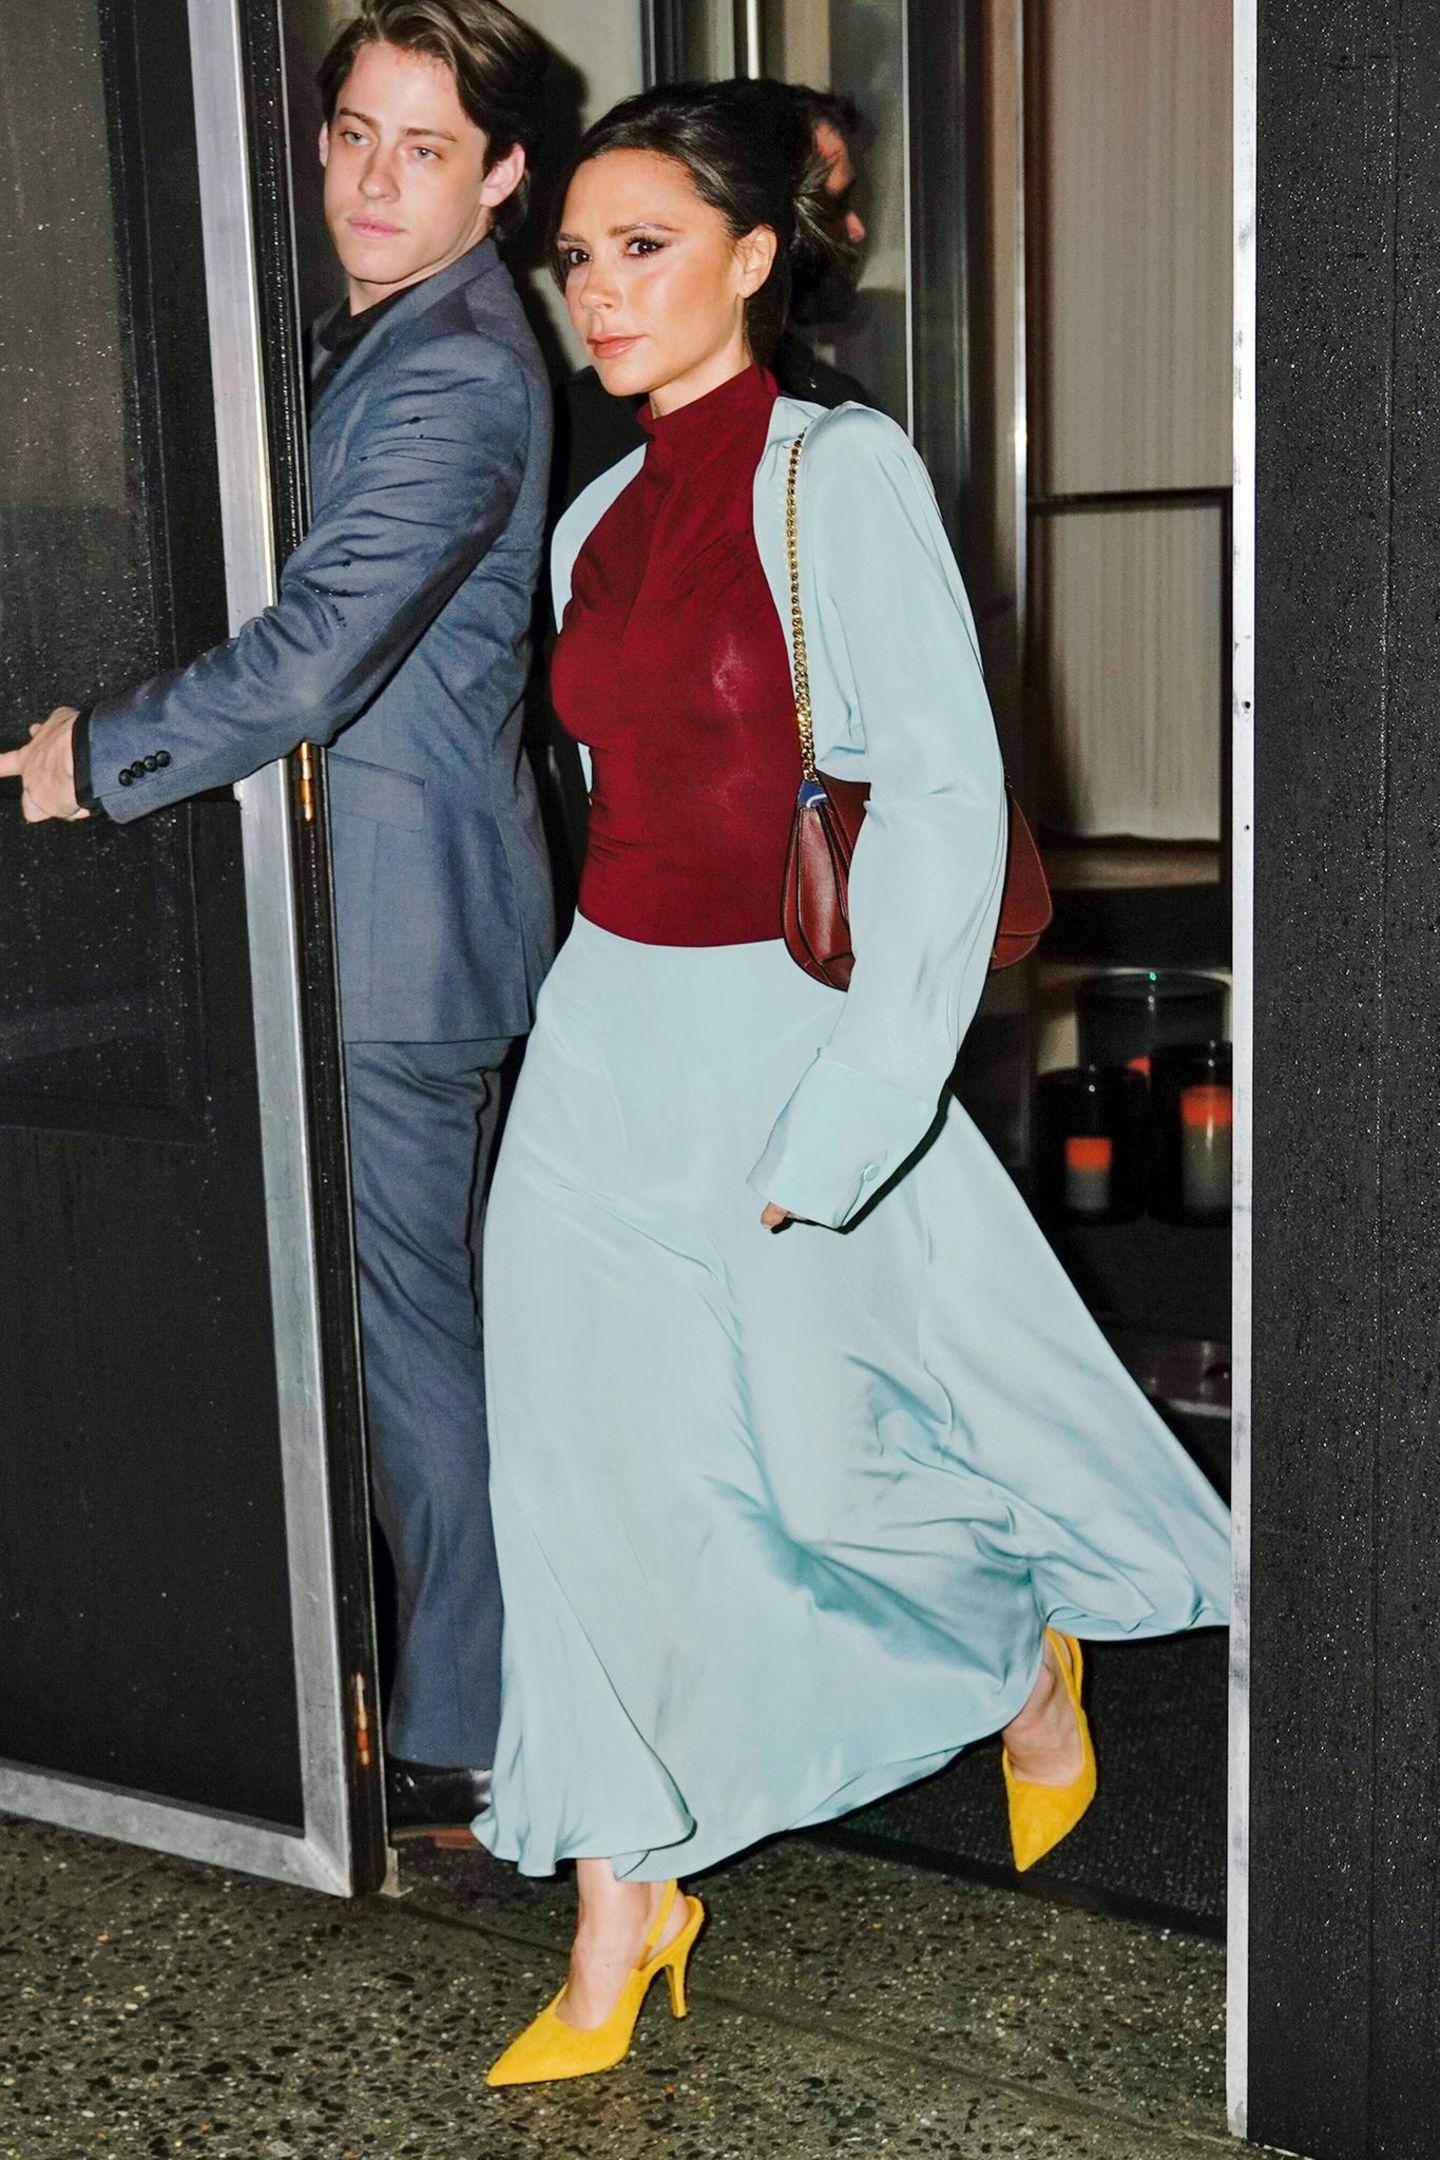 Erst einmal ist der Fashion-Week-Stress für Victoria Beckham vorbei, und den Abend nach der Show genießt die Designerin im hellblauen Seiden-Ensemble, rubinrotem Oberteil und sonnengelben Sling-Pumps.